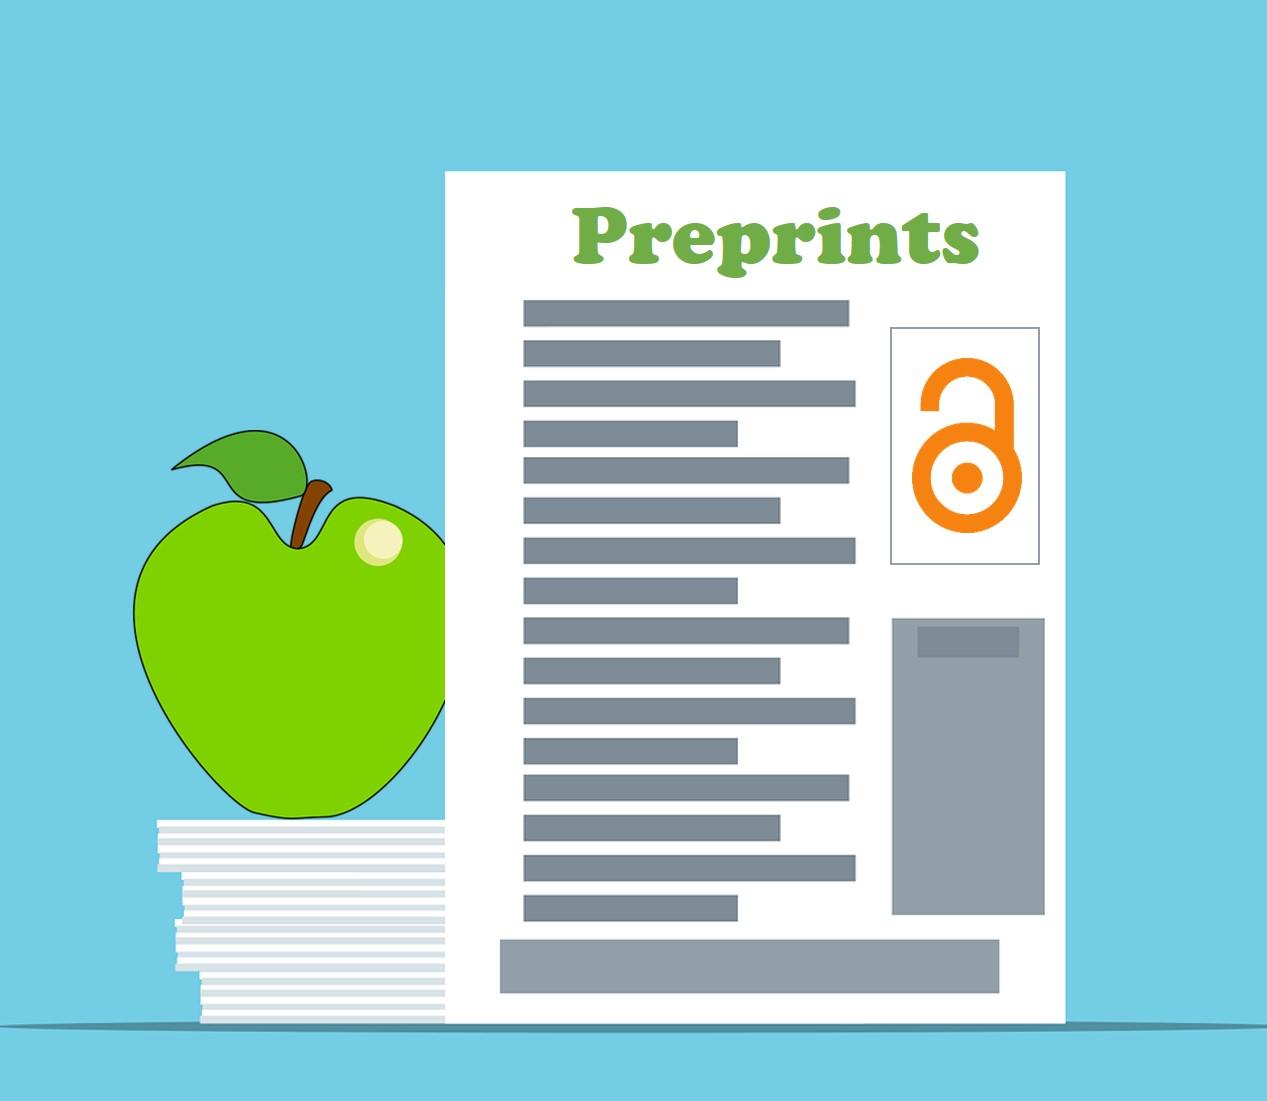 Preprints in Science: Friend or Foe?